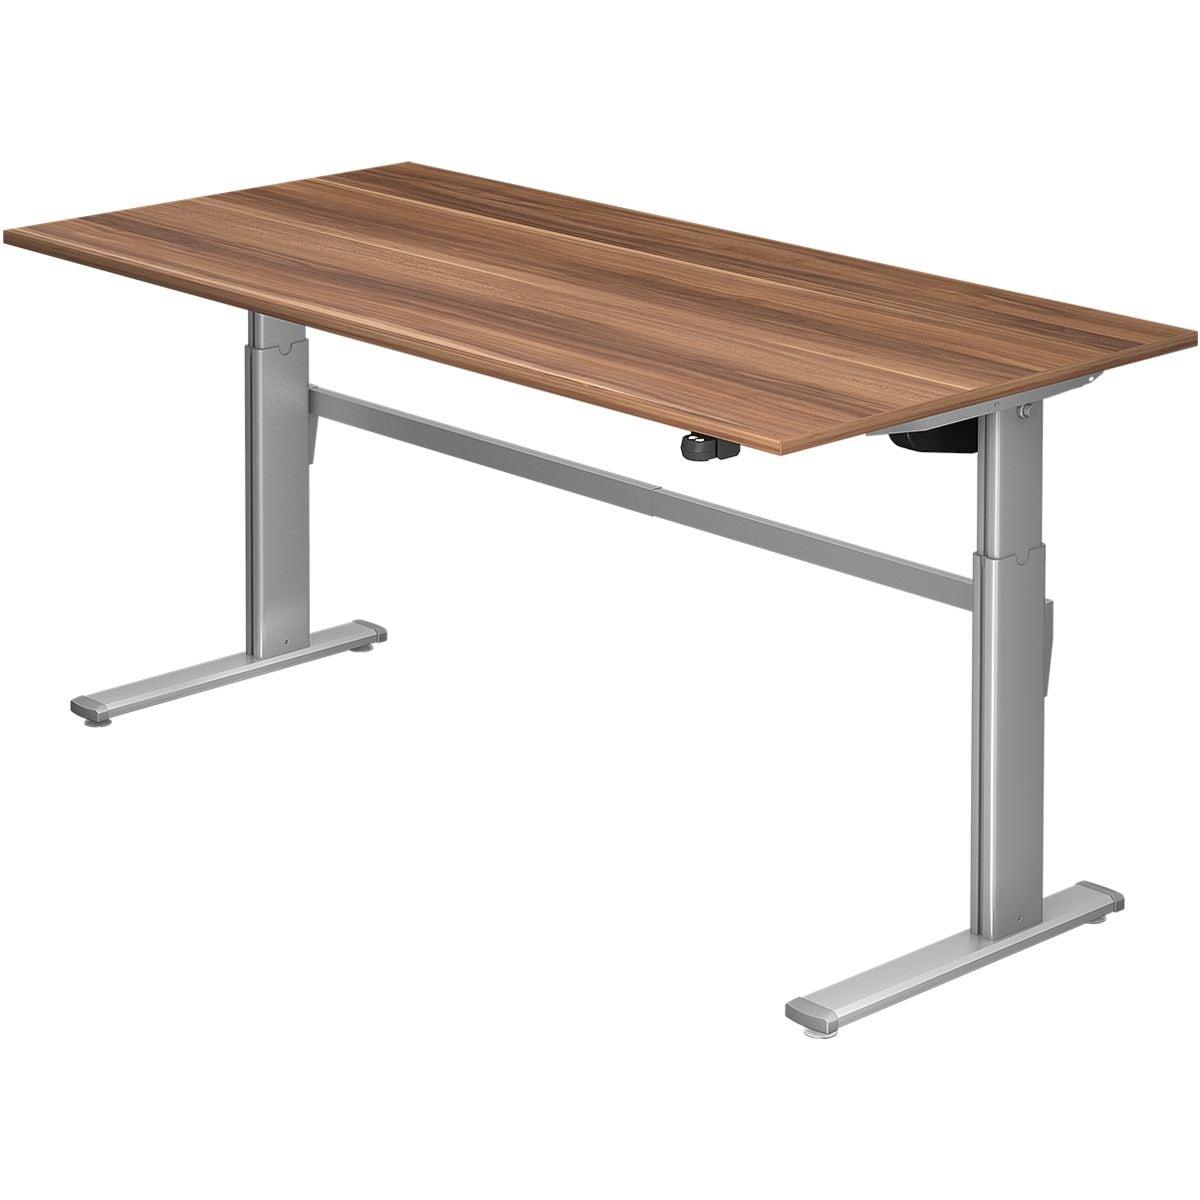 hammerbacher schreibtisch h henverstellbar elektrisch upper desk 200 cm c fu alufarben. Black Bedroom Furniture Sets. Home Design Ideas